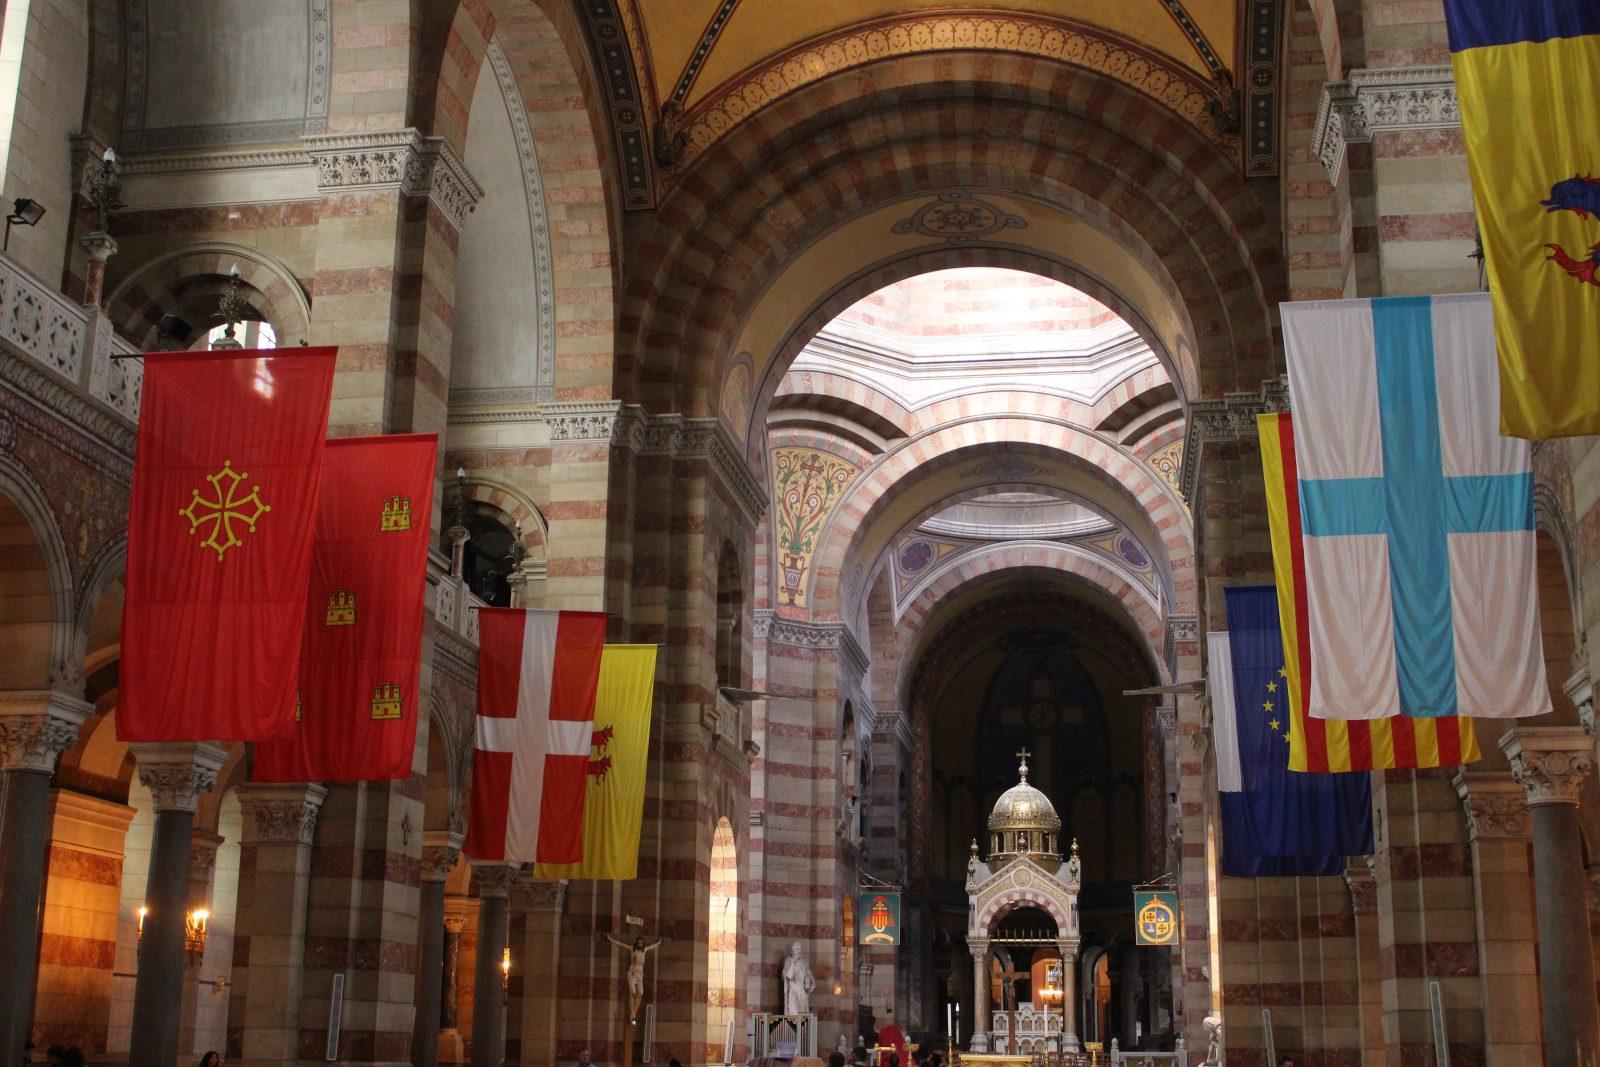 Marseille cathédrale La Major - intérieur